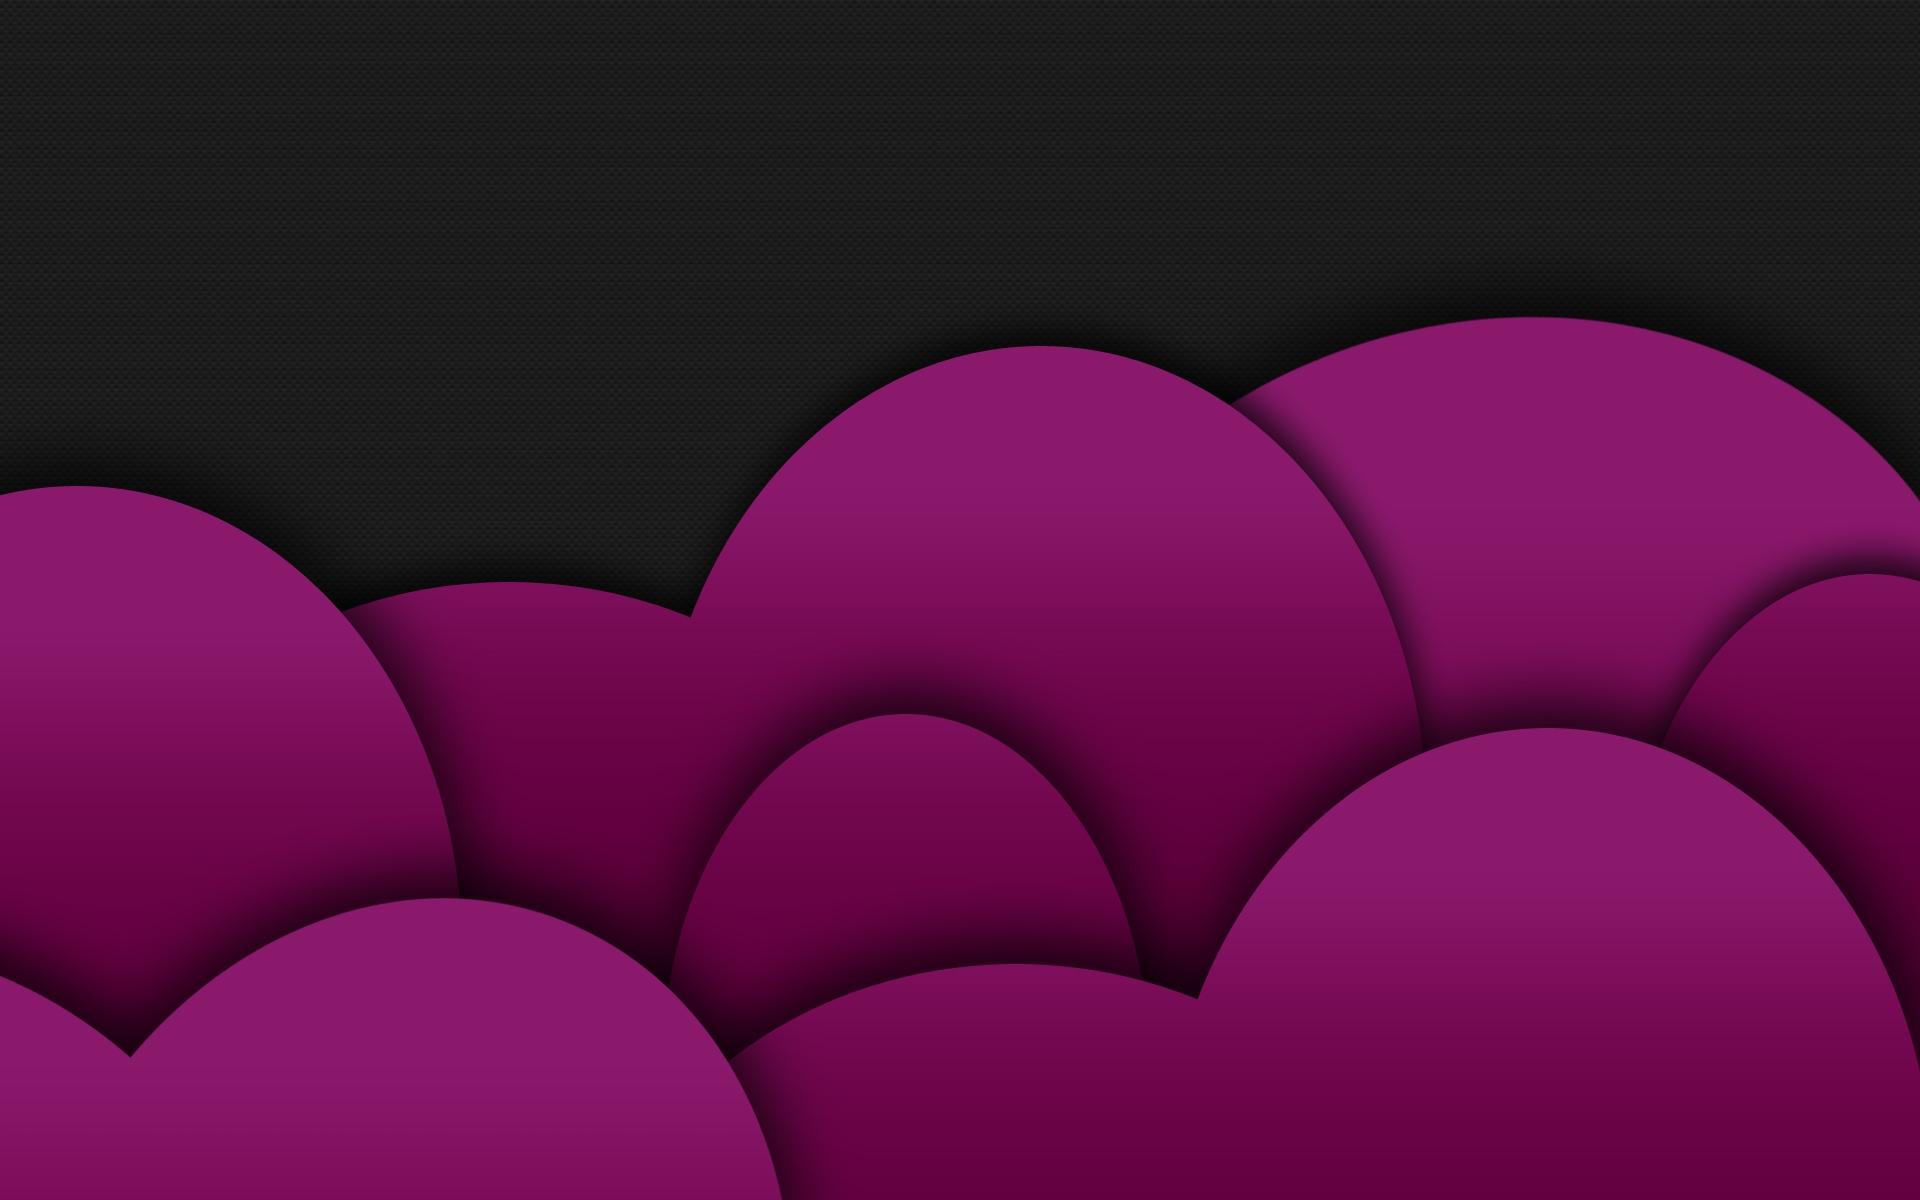 purple heart wallpaper